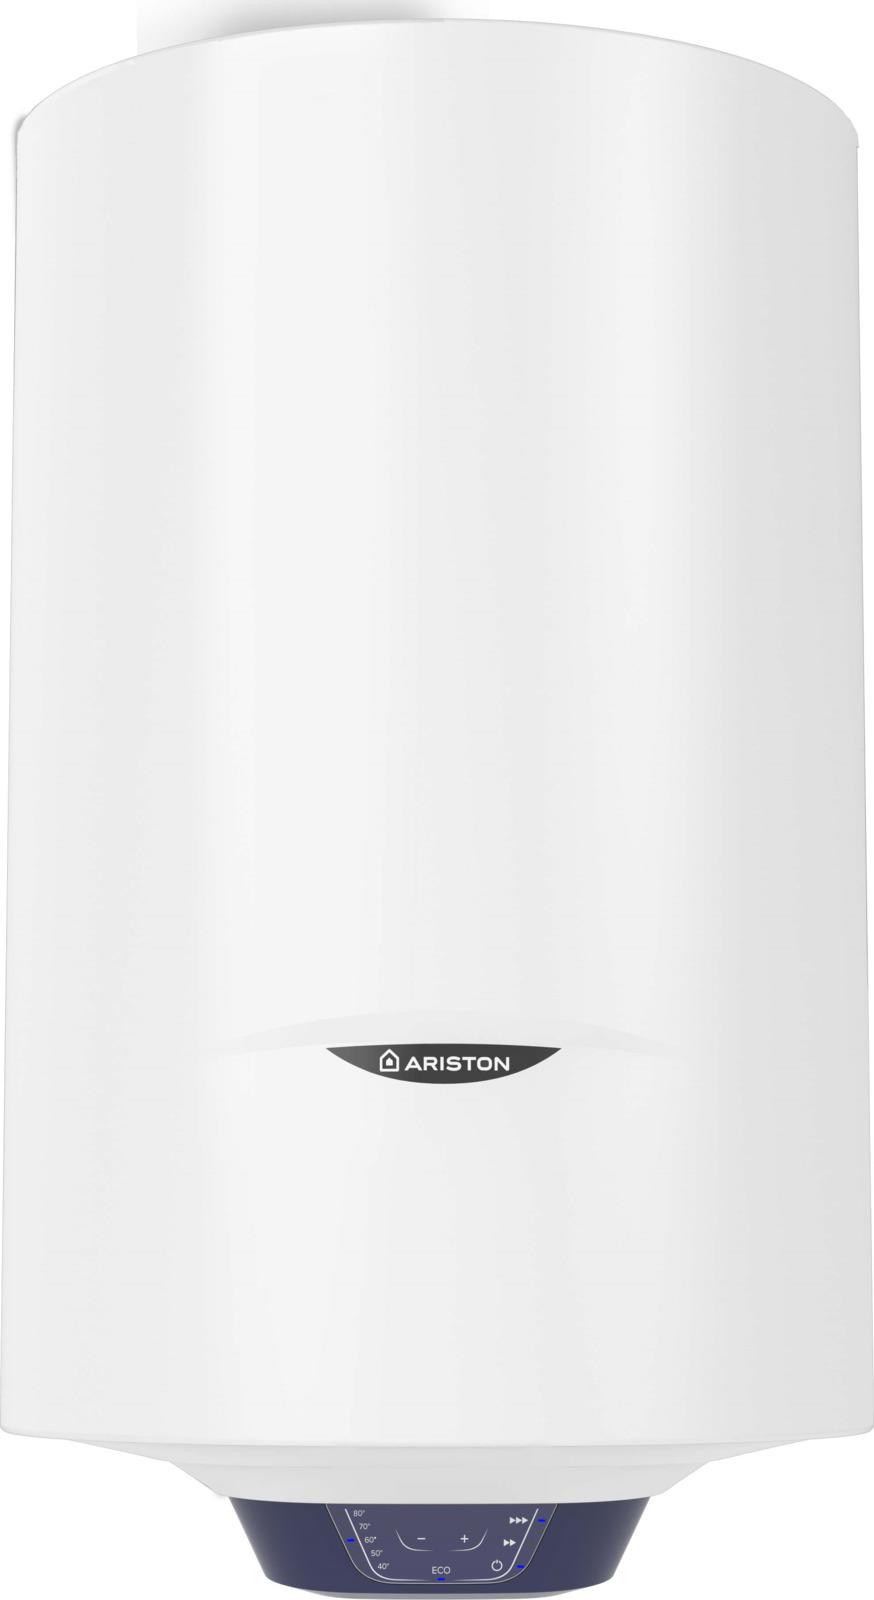 Водонагреватель Ariston BLU1 ECO ABS PW 50 V, белый